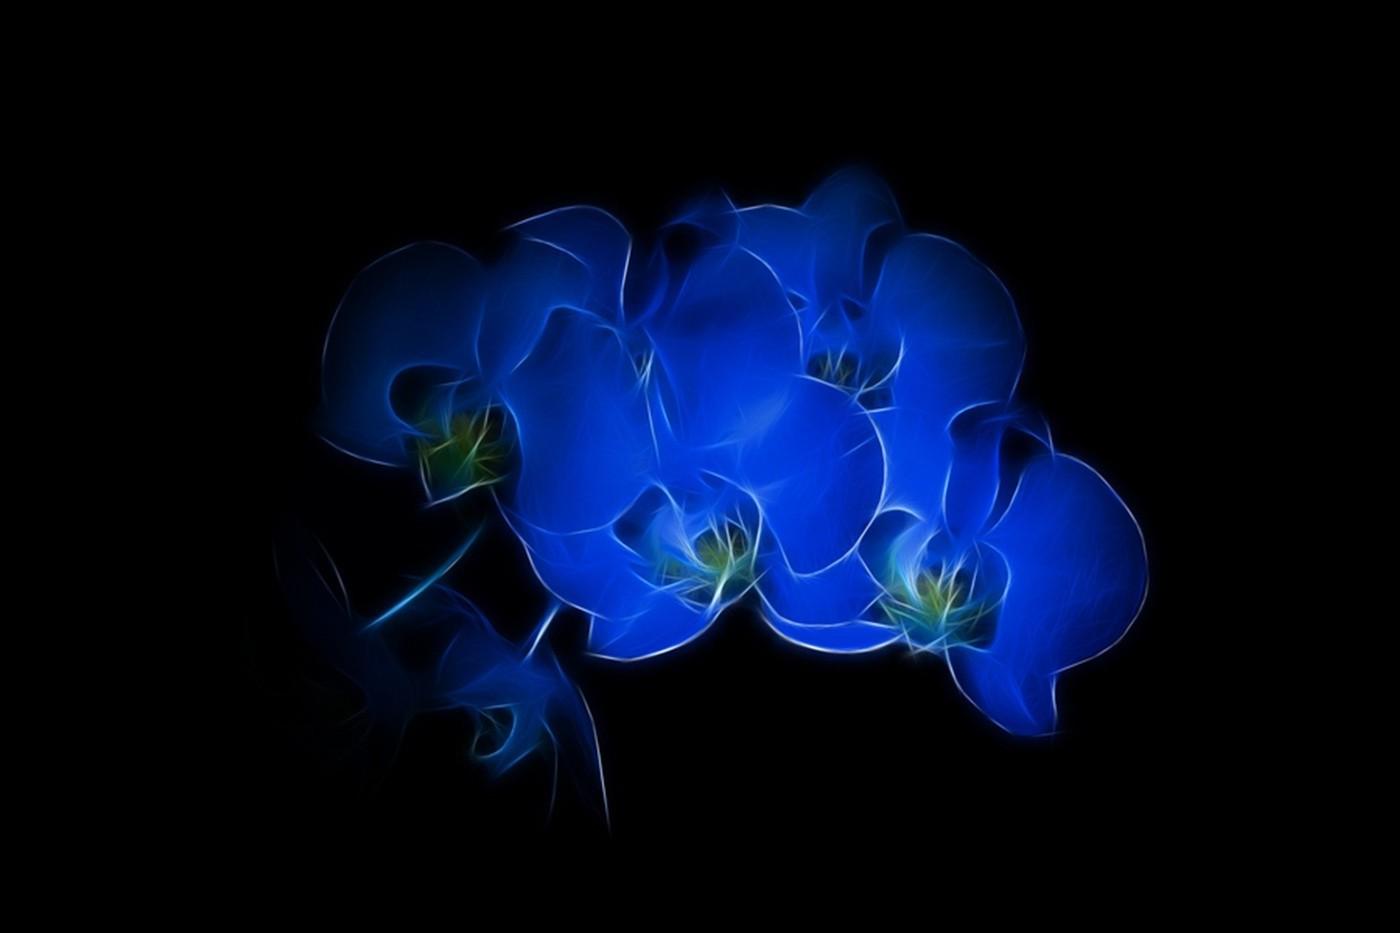 Картинки цветов черные и синие